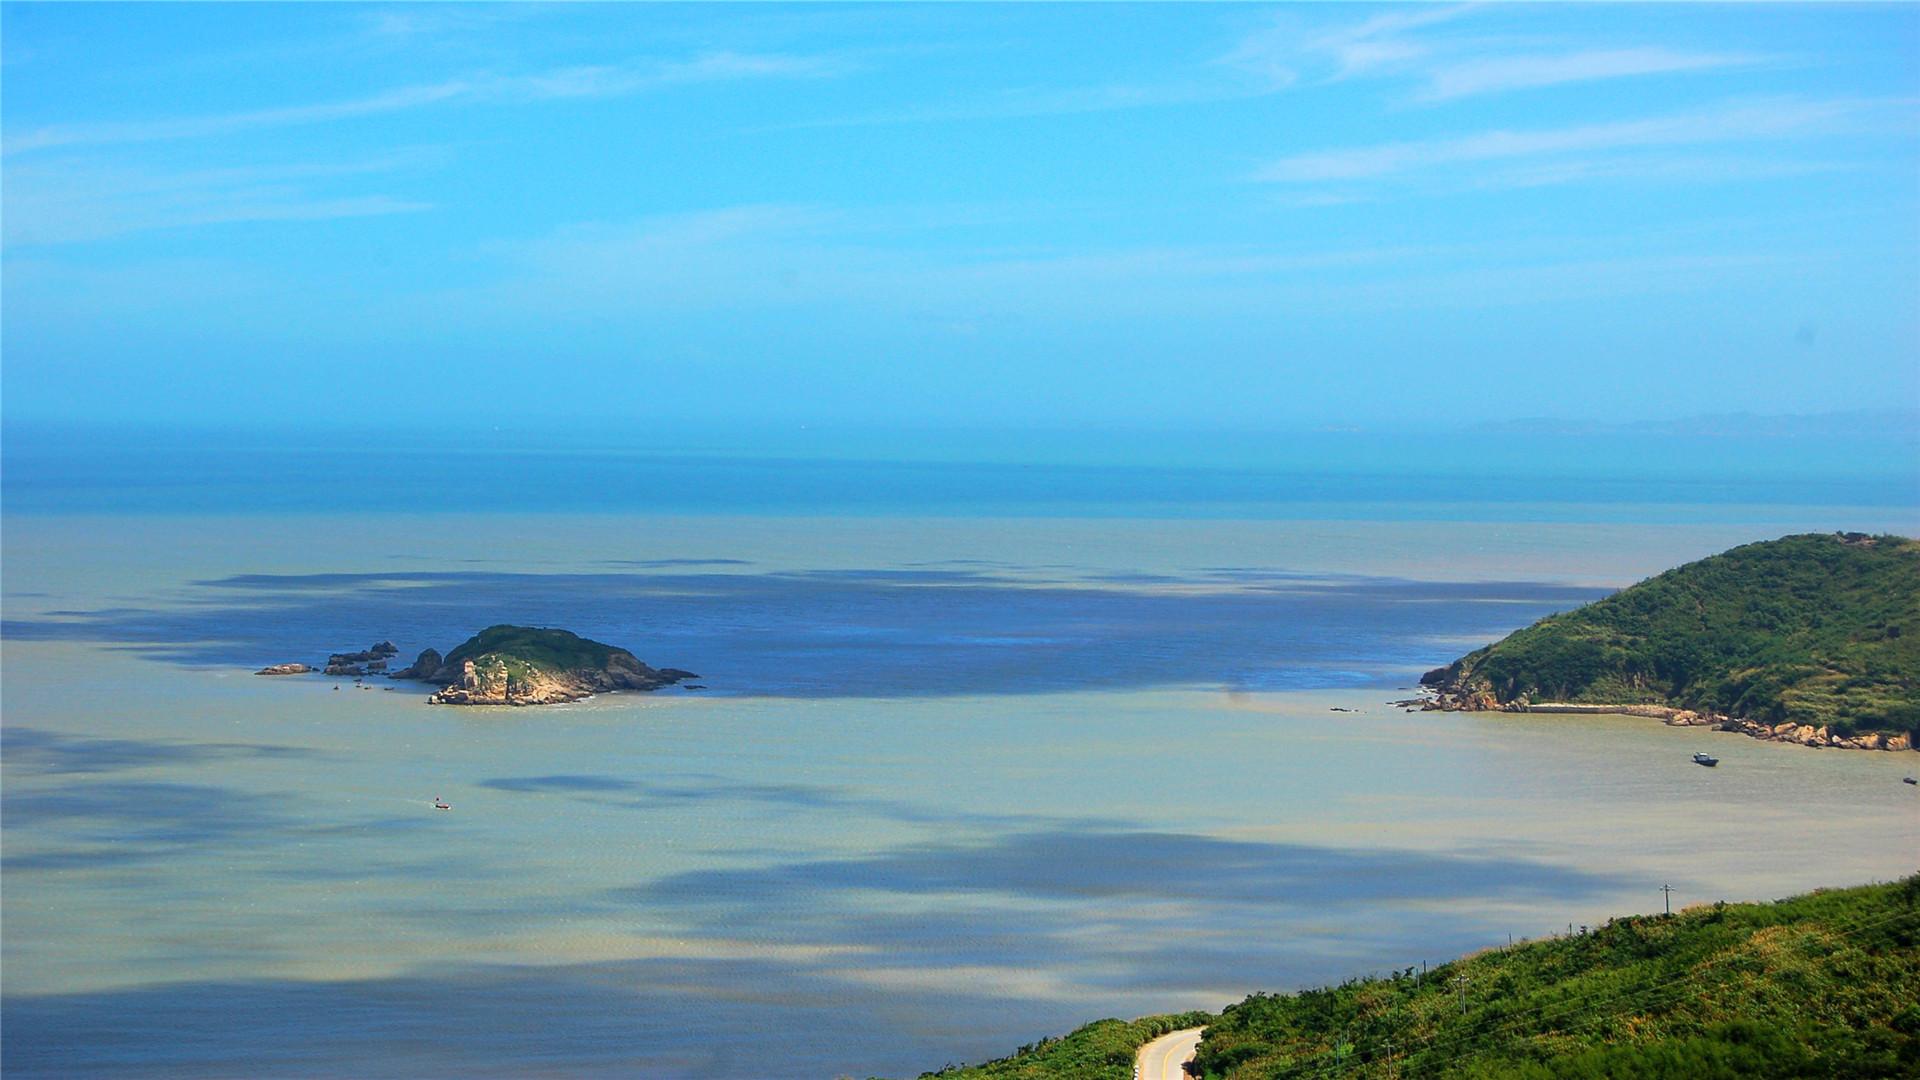 舟山,蓬莱仙岛,朱家尖,溪口斑竹漂流3日游